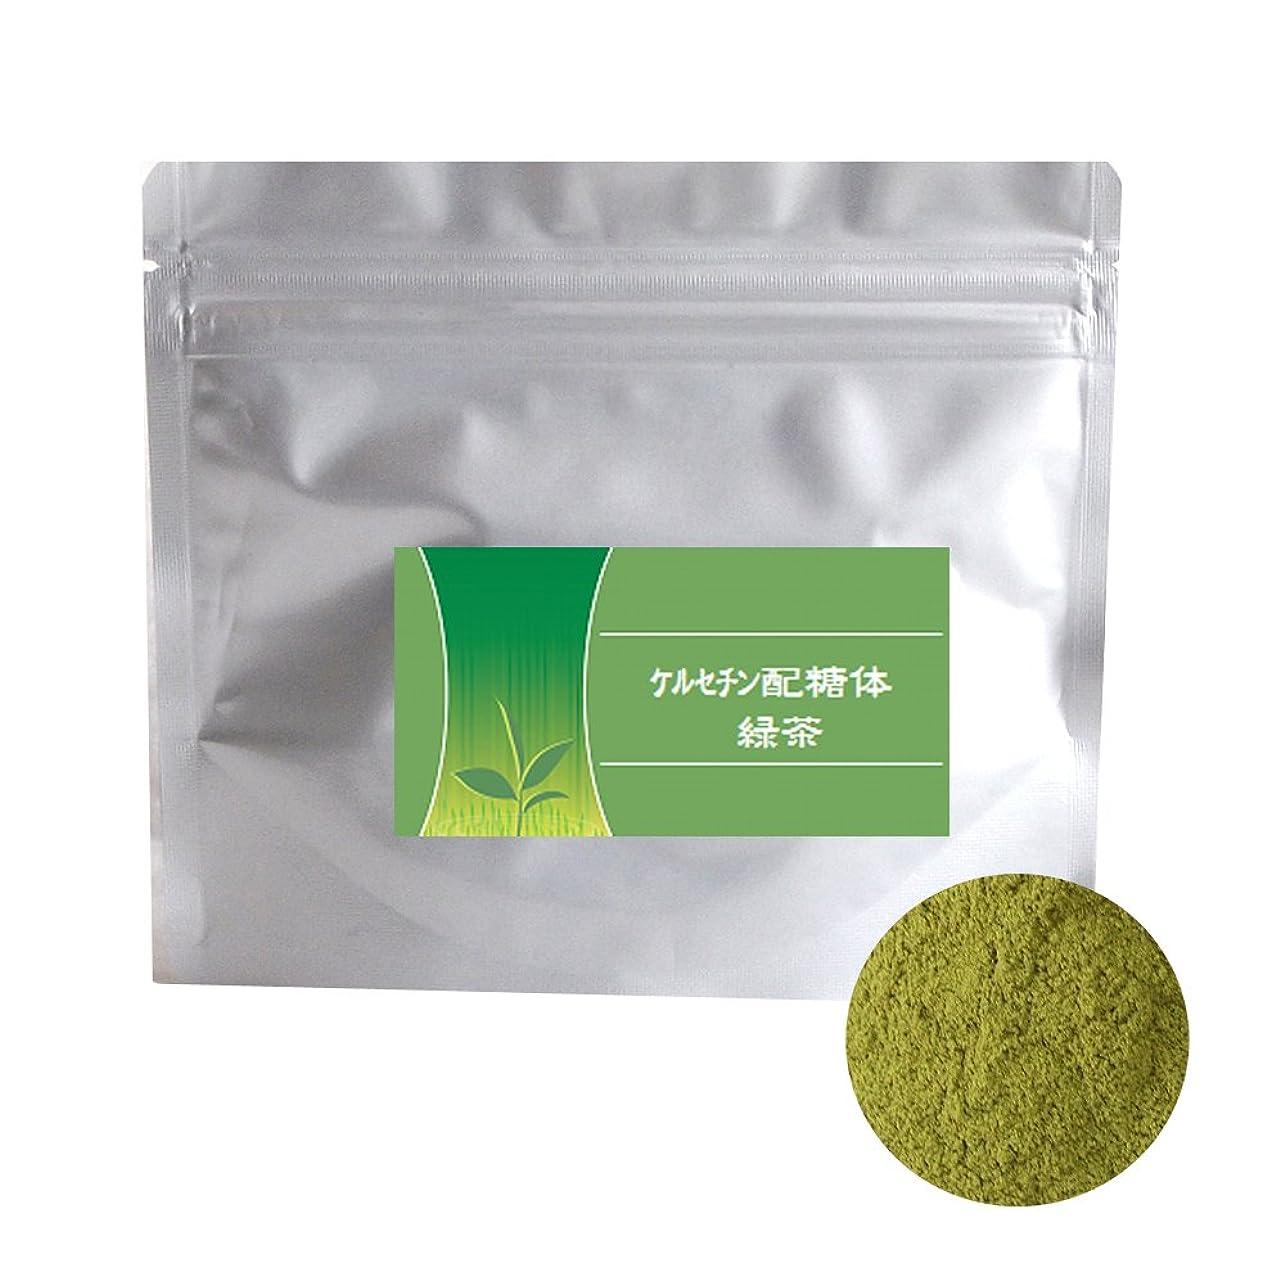 南アメリカ降伏ヒロイックケルセチン配糖体緑茶 ジップパック50g(z) 粉末 パウダー インスタント 緑茶